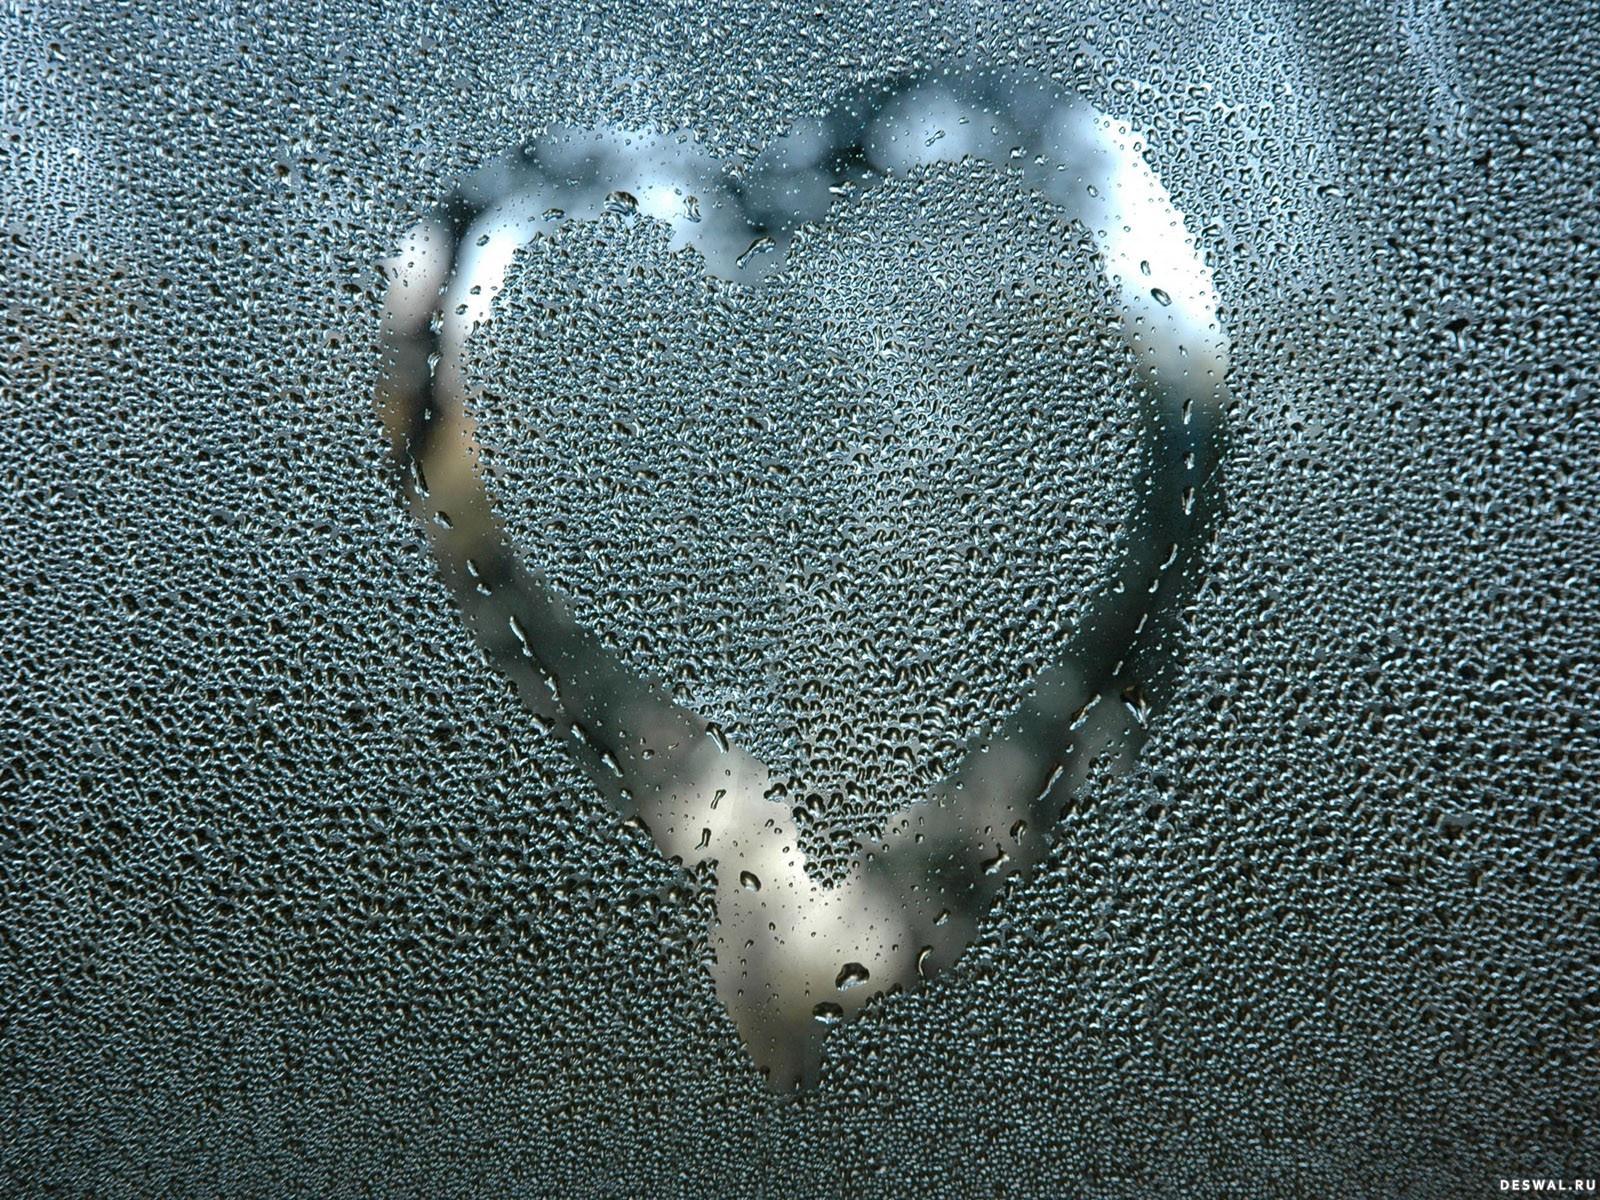 Фото 34. Нажмите на картинку с романтическими обоями - любовь, чтобы просмотреть ее в реальном размере